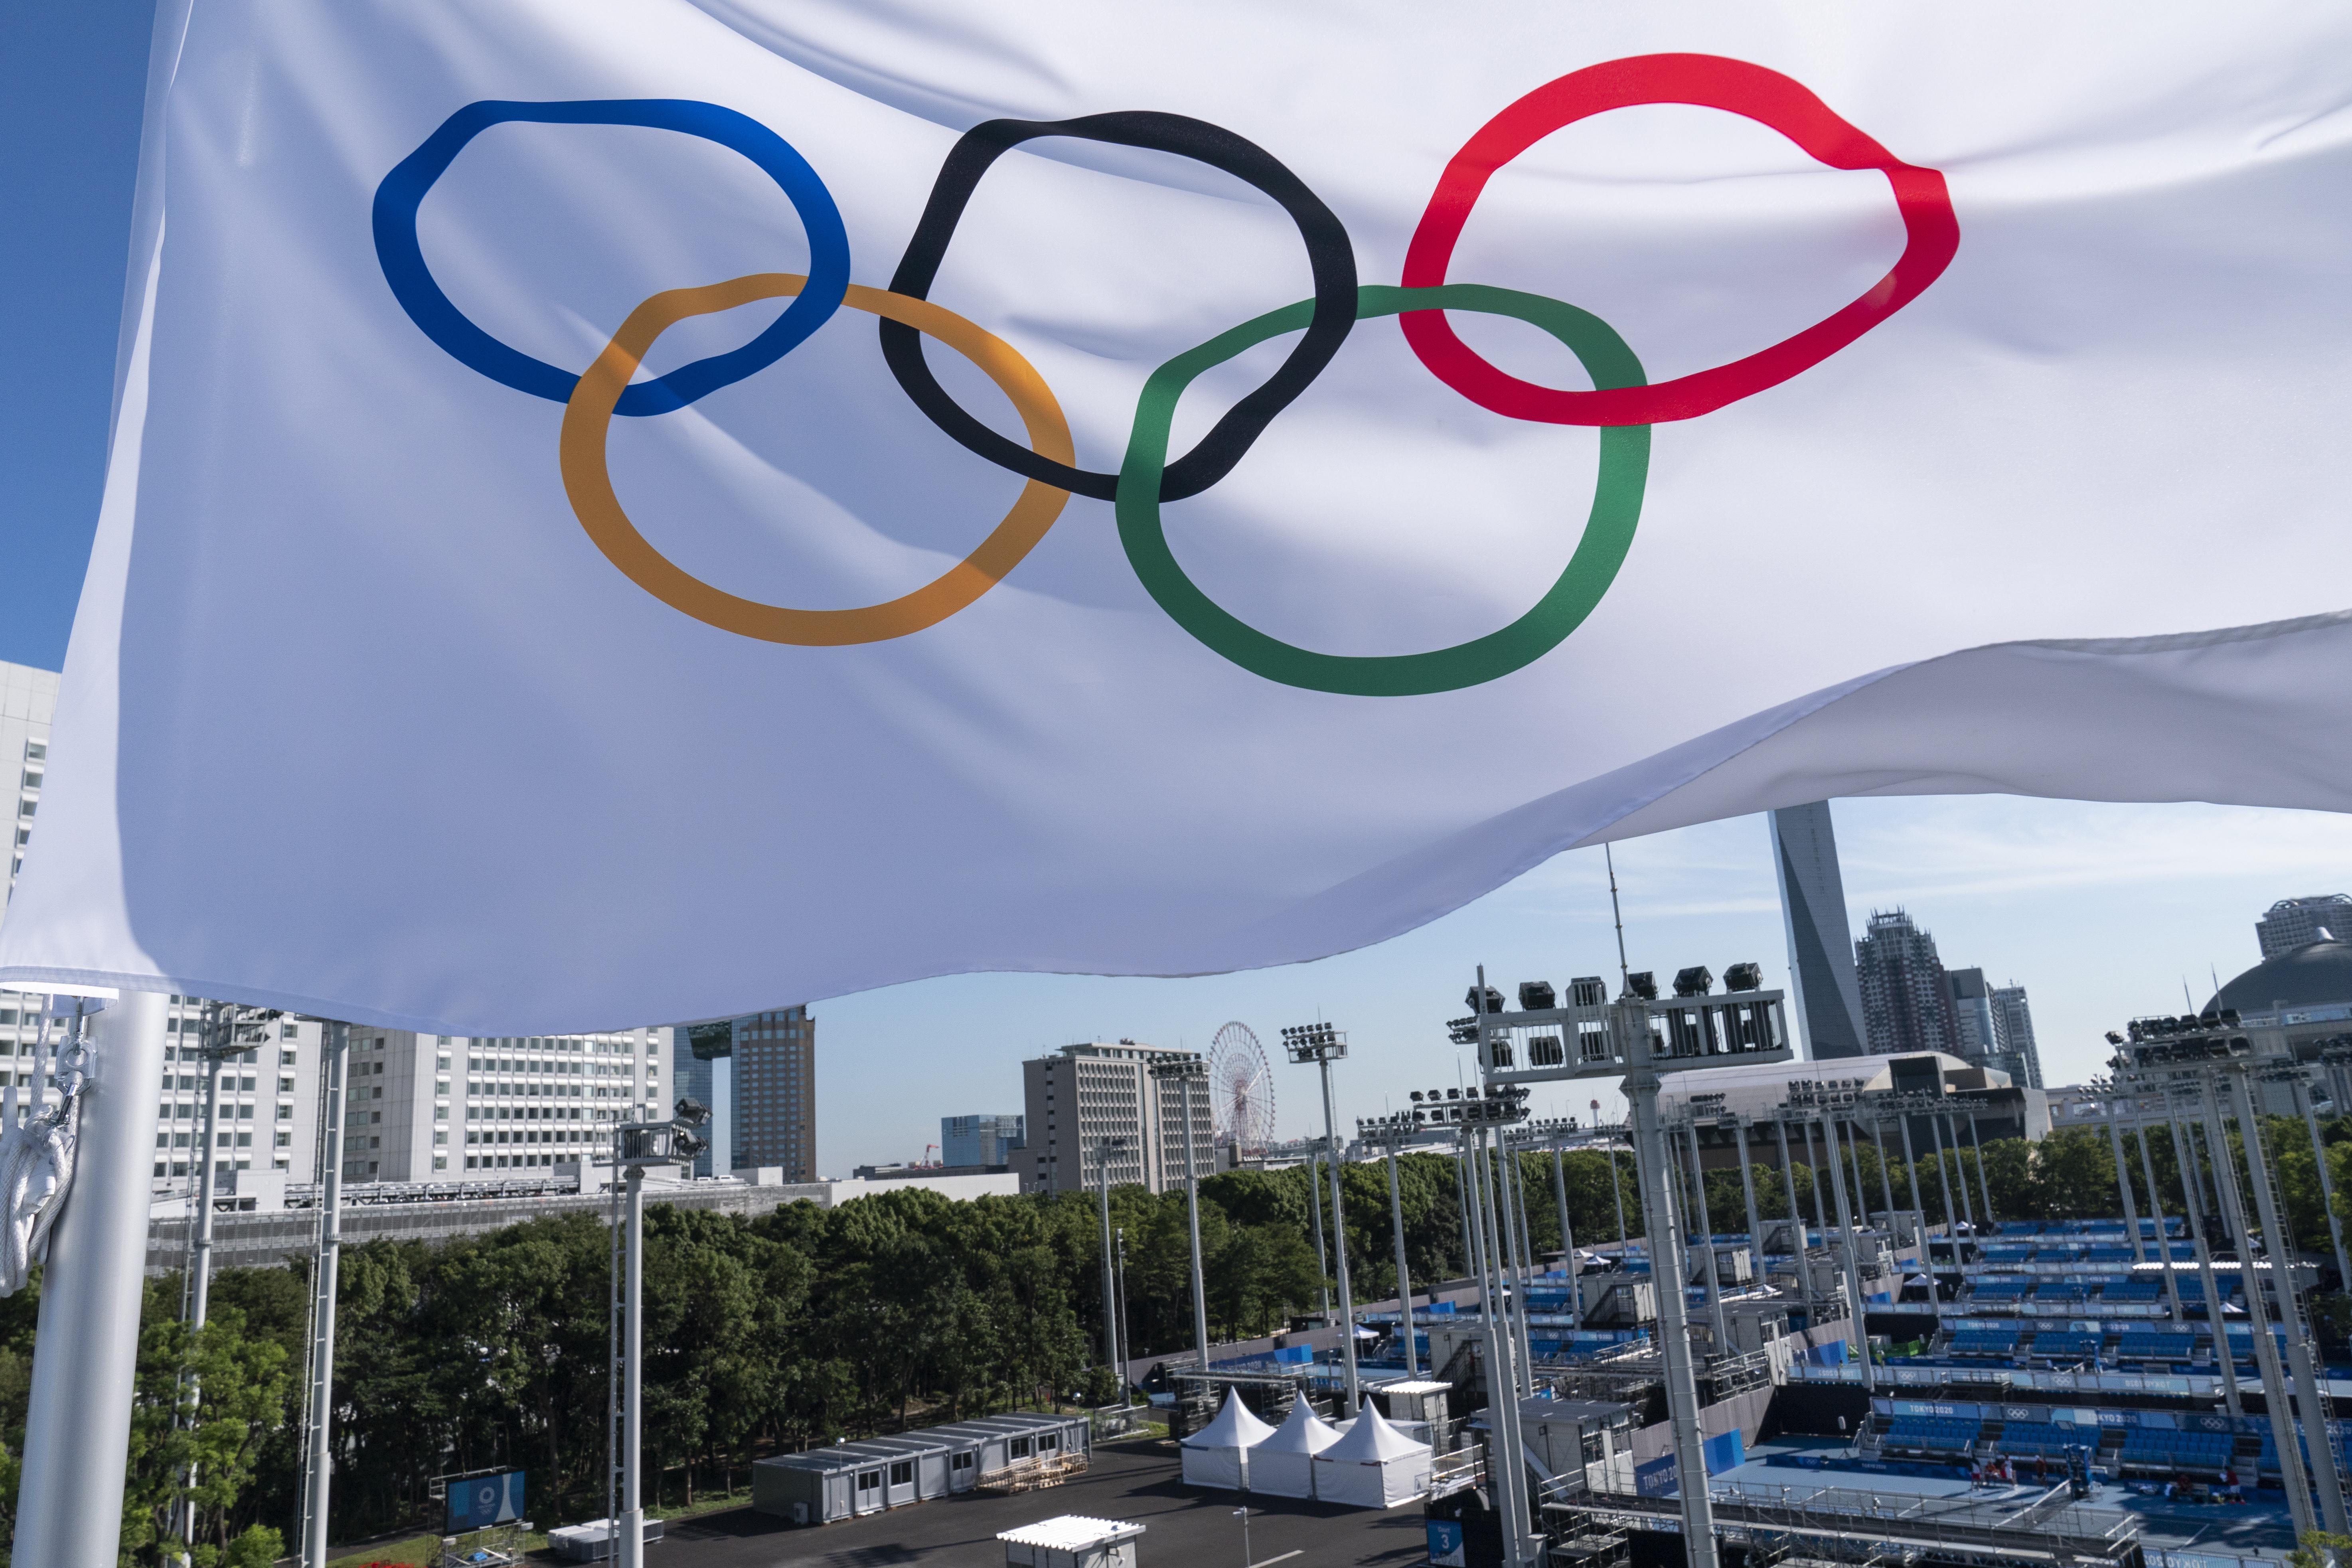 An Olympic flag flies over the the Ariake Tennis Center ahead of the 2020 Summer Olympics.